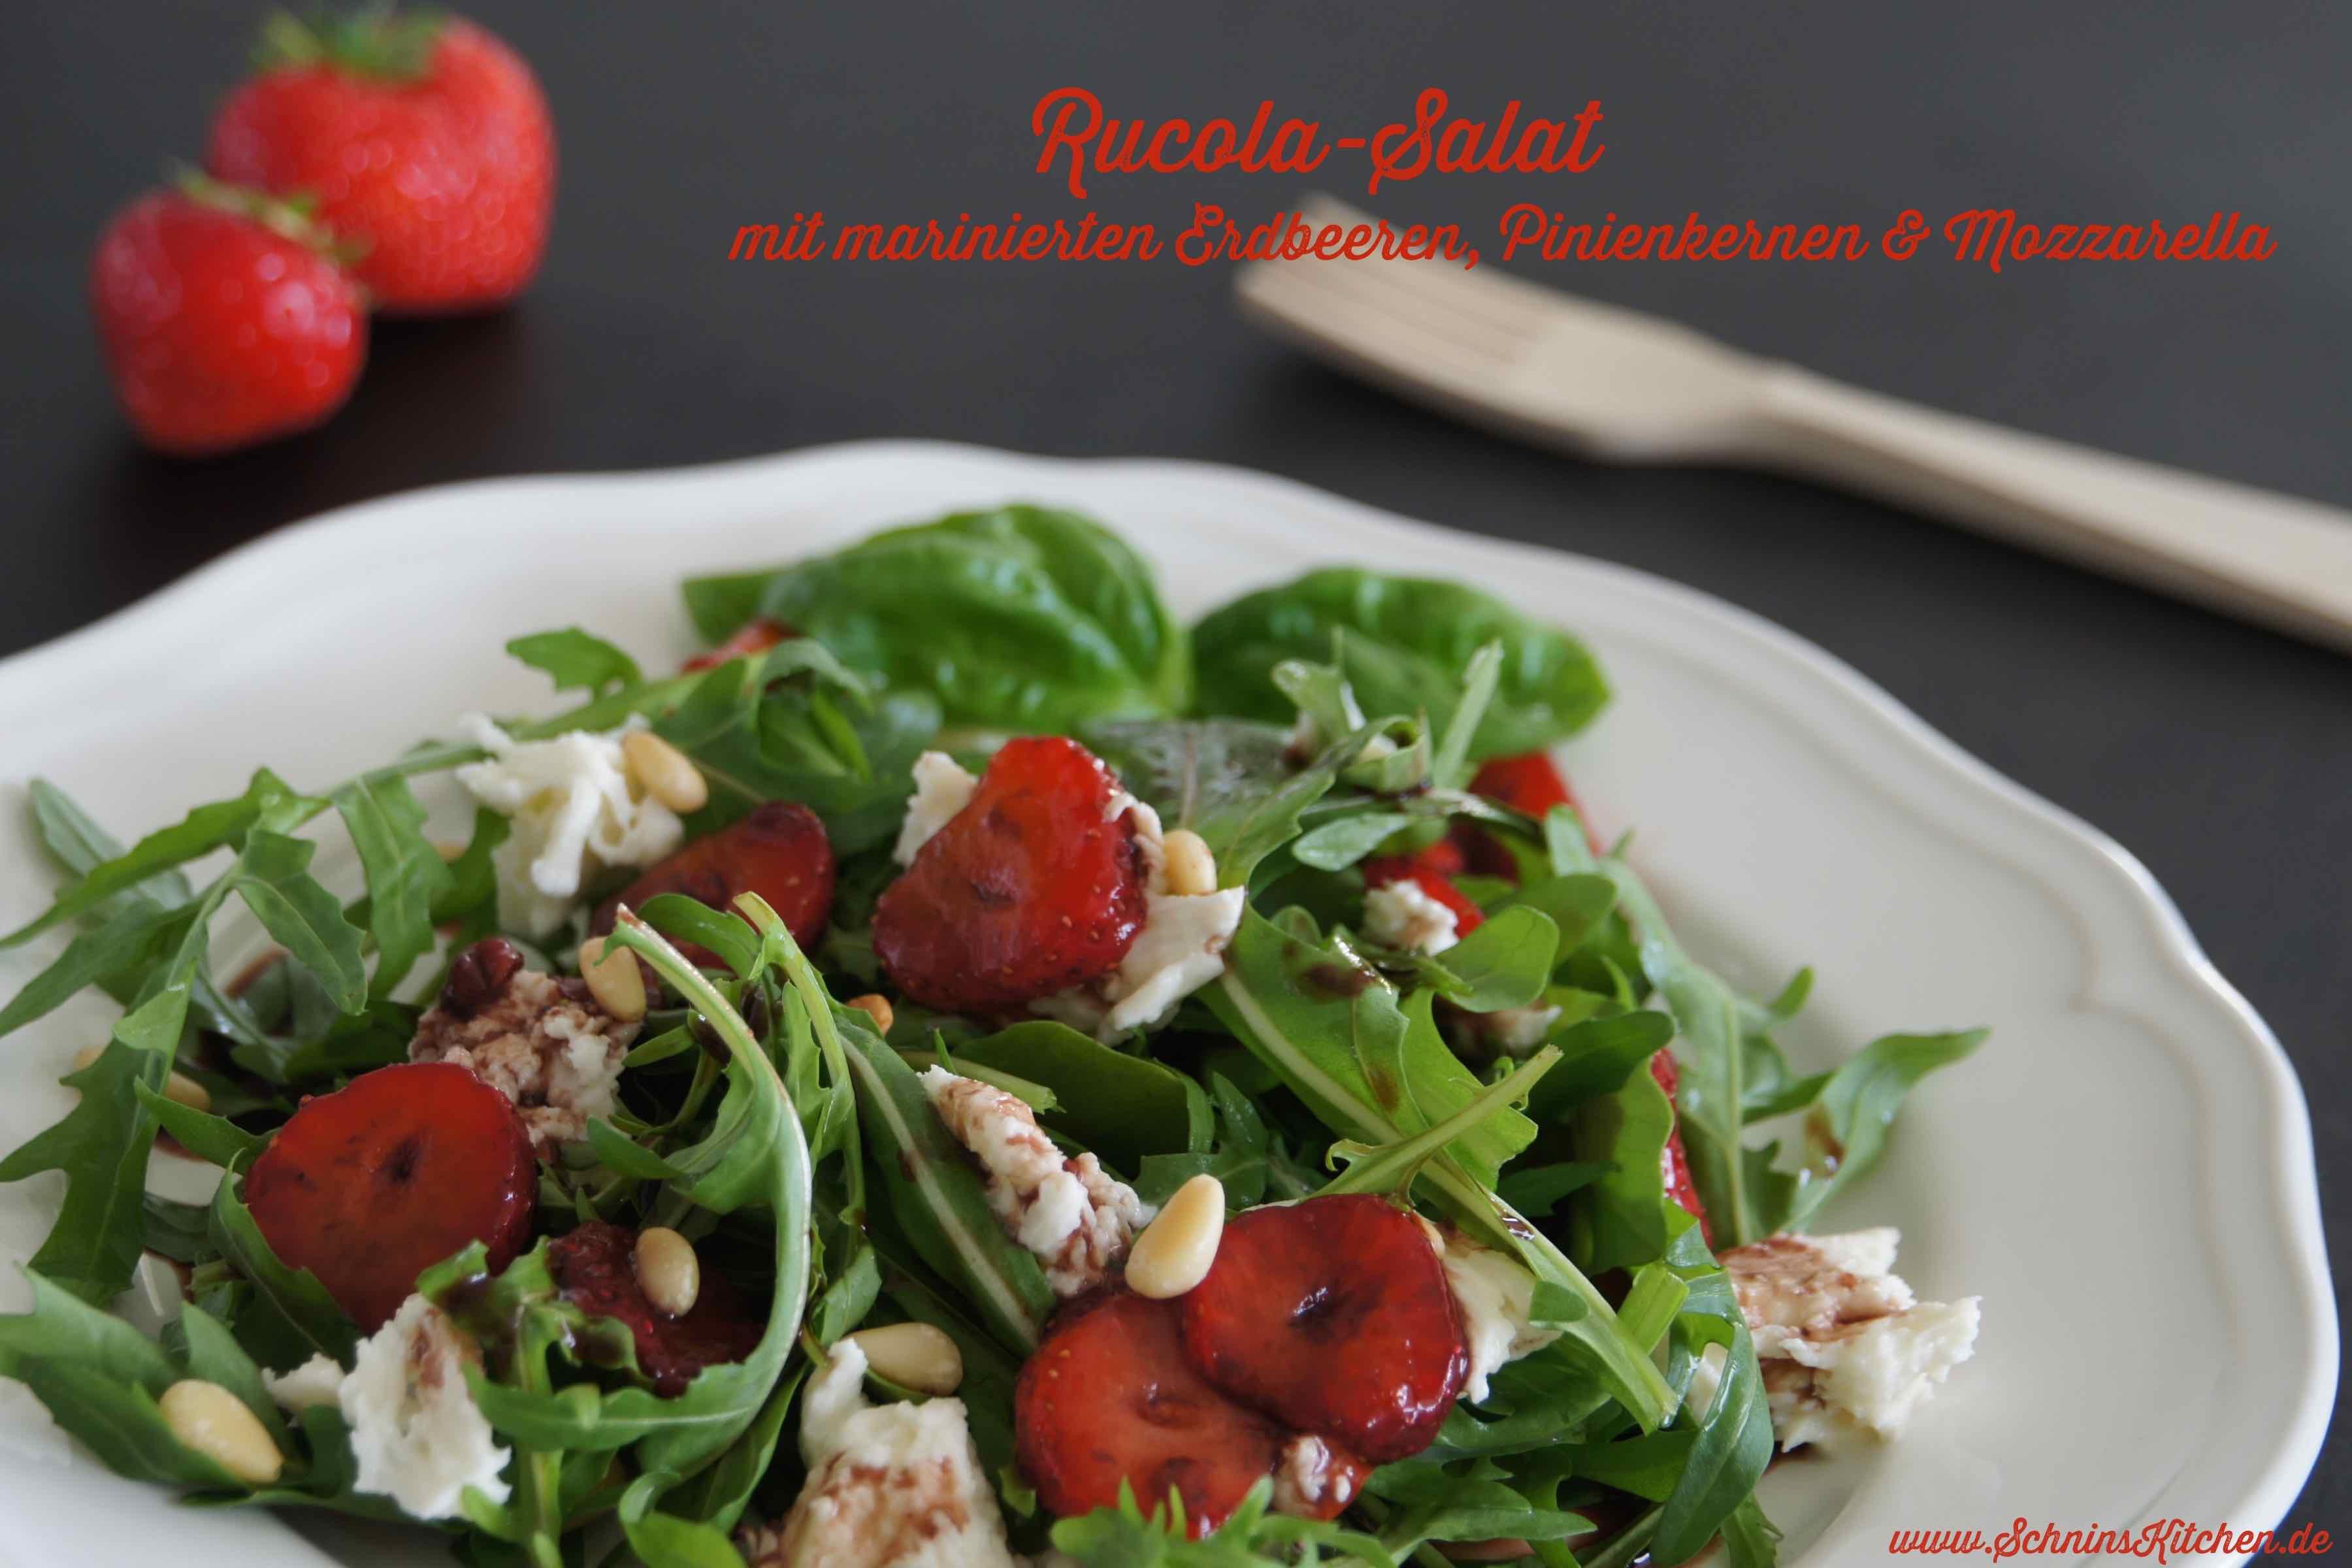 Schnin's Kitchen: Rucola-Salat mit marinierten Erdbeeren, Mozzarella & gerösteten Pinienkernen